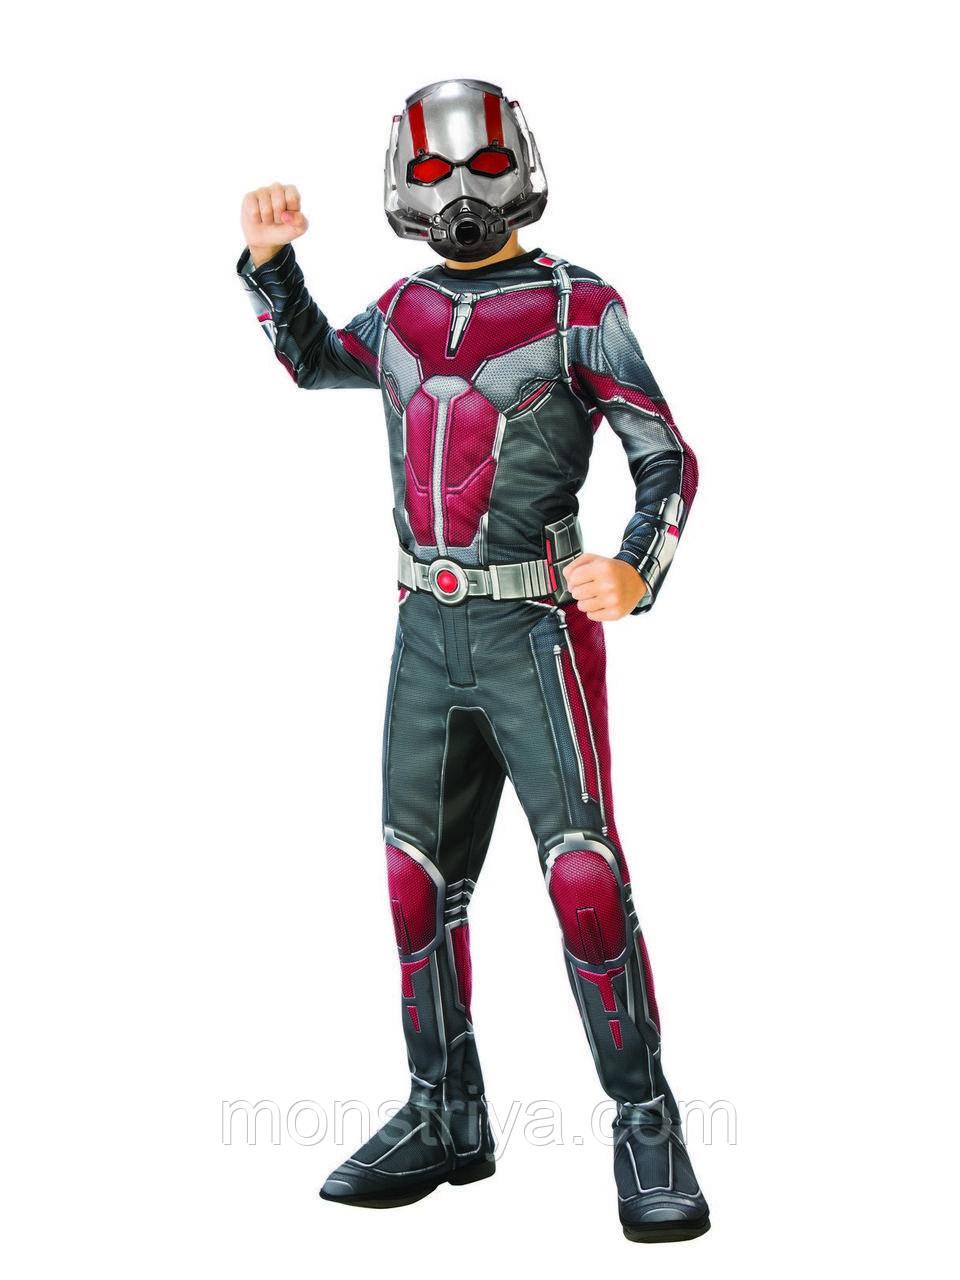 Карнавальный костюм Человек-муравей Rubies